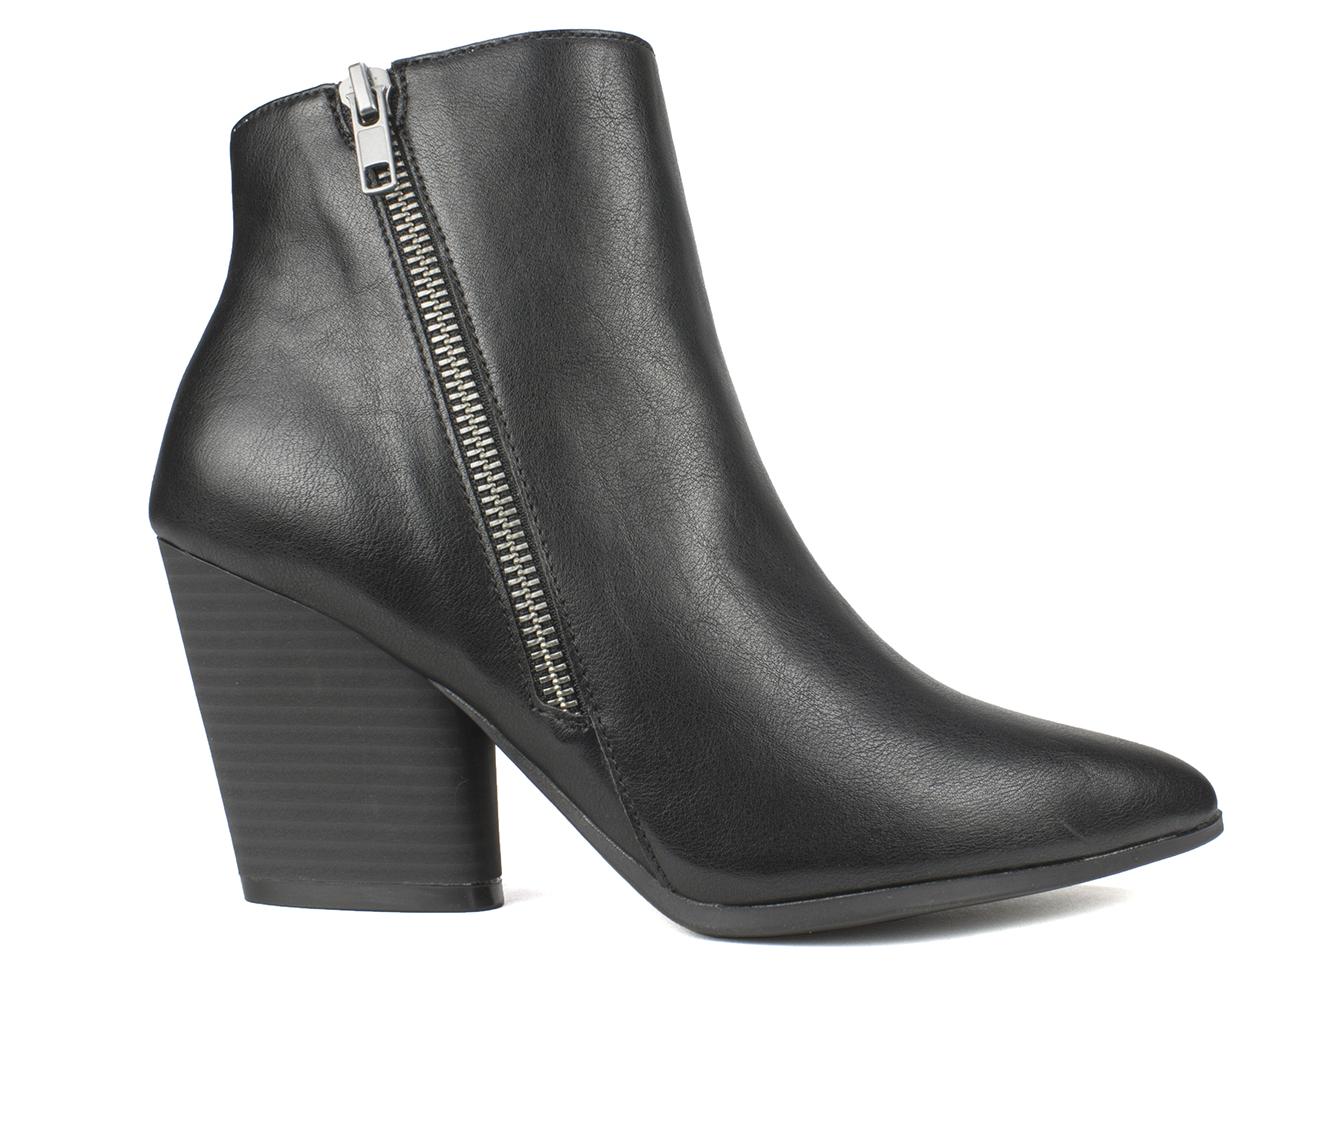 Seven Dials Hanston Women's Boots (Black - Faux Leather)